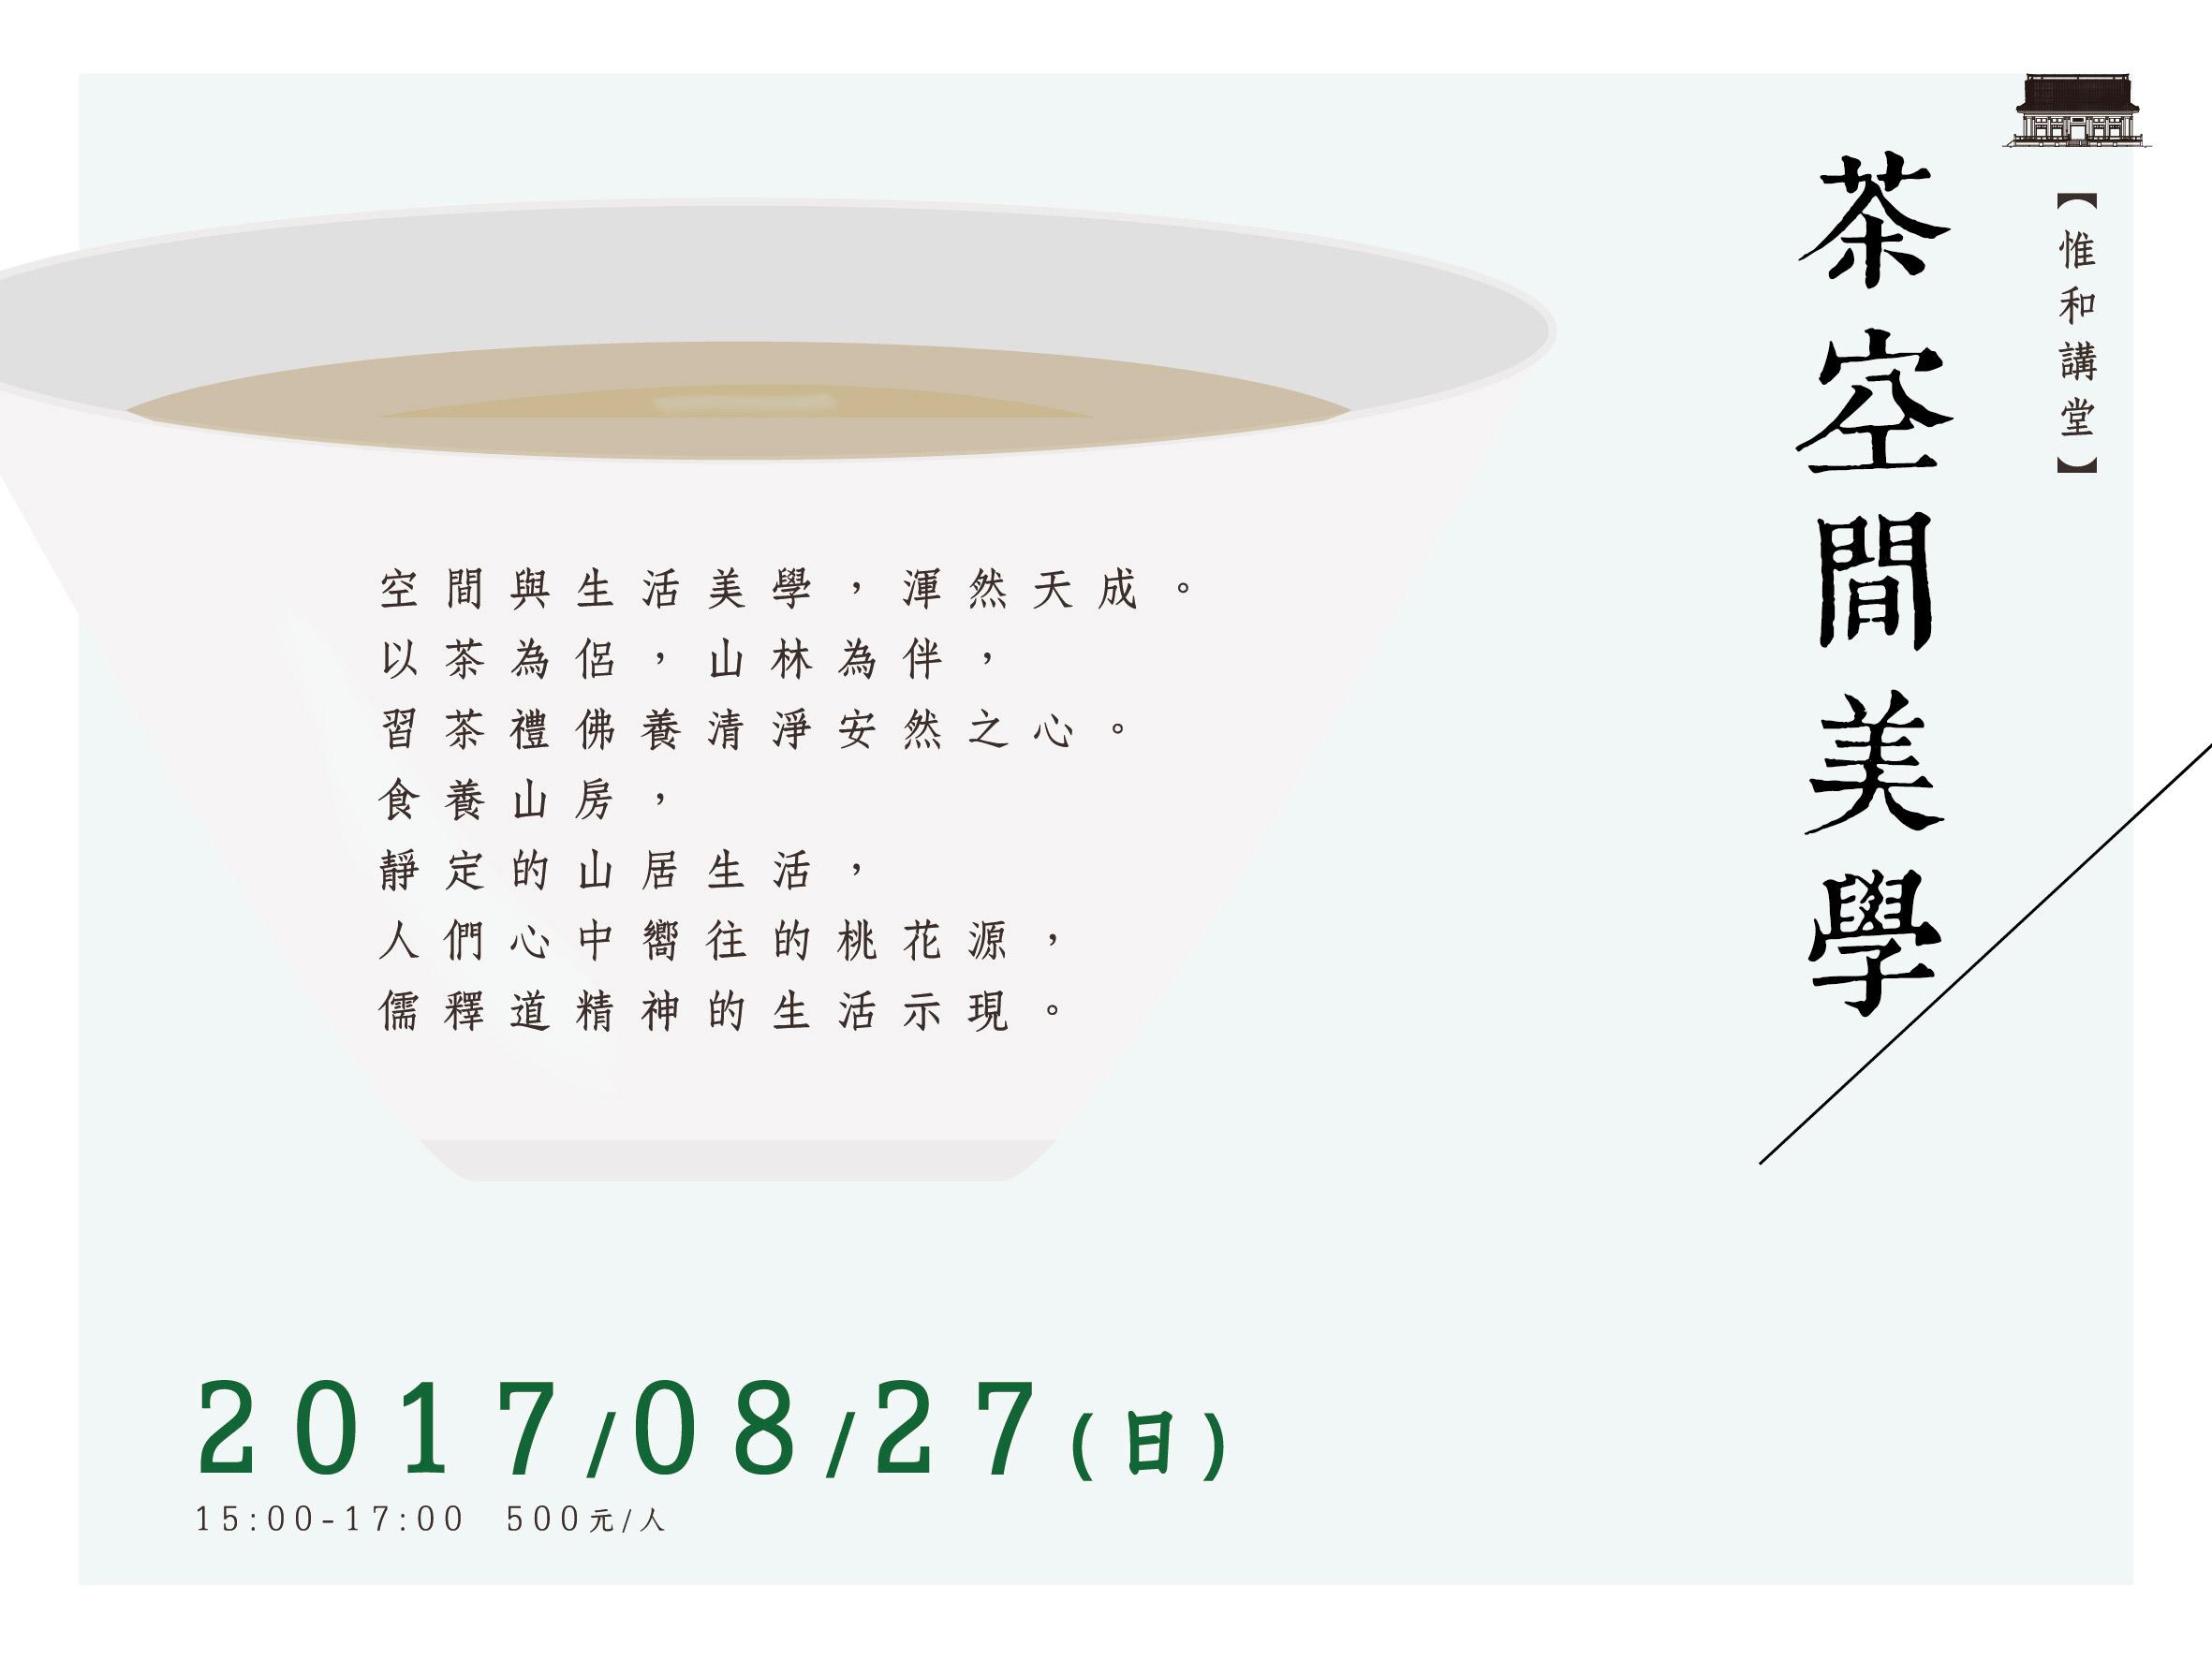 茶空間美學 網路-01